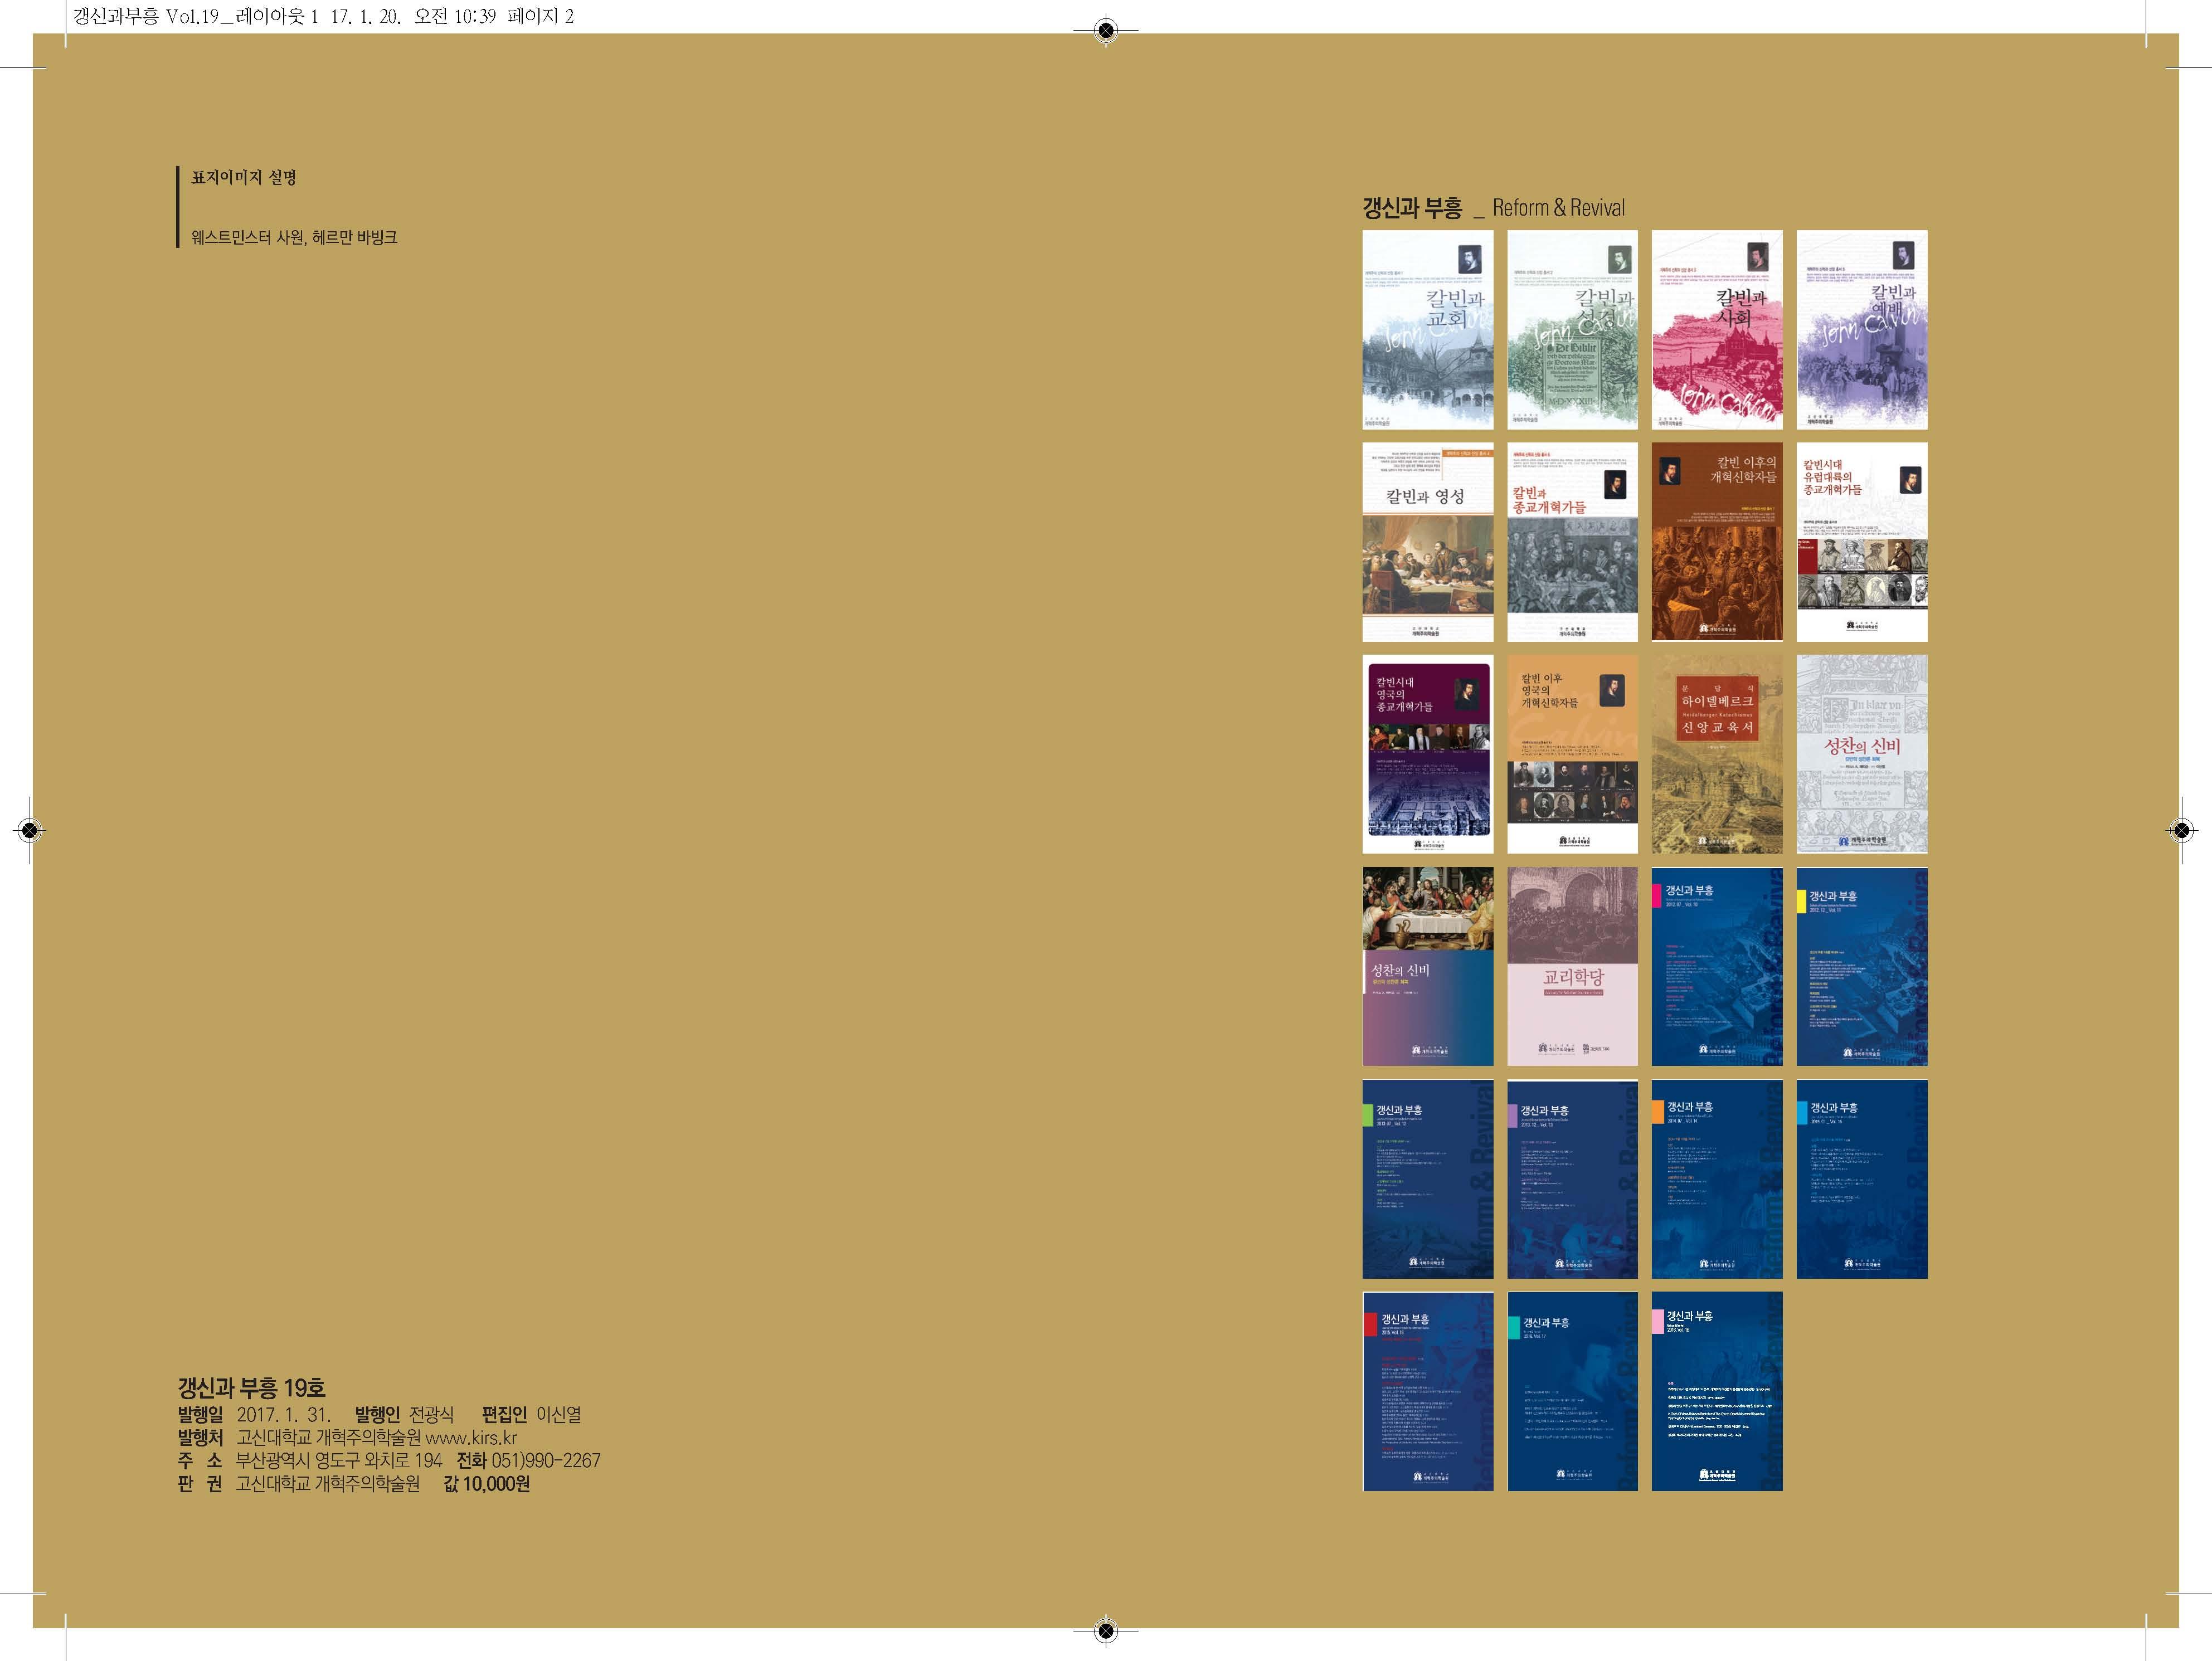 갱신과부흥 Vol.19_수정3_Page_2.jpg